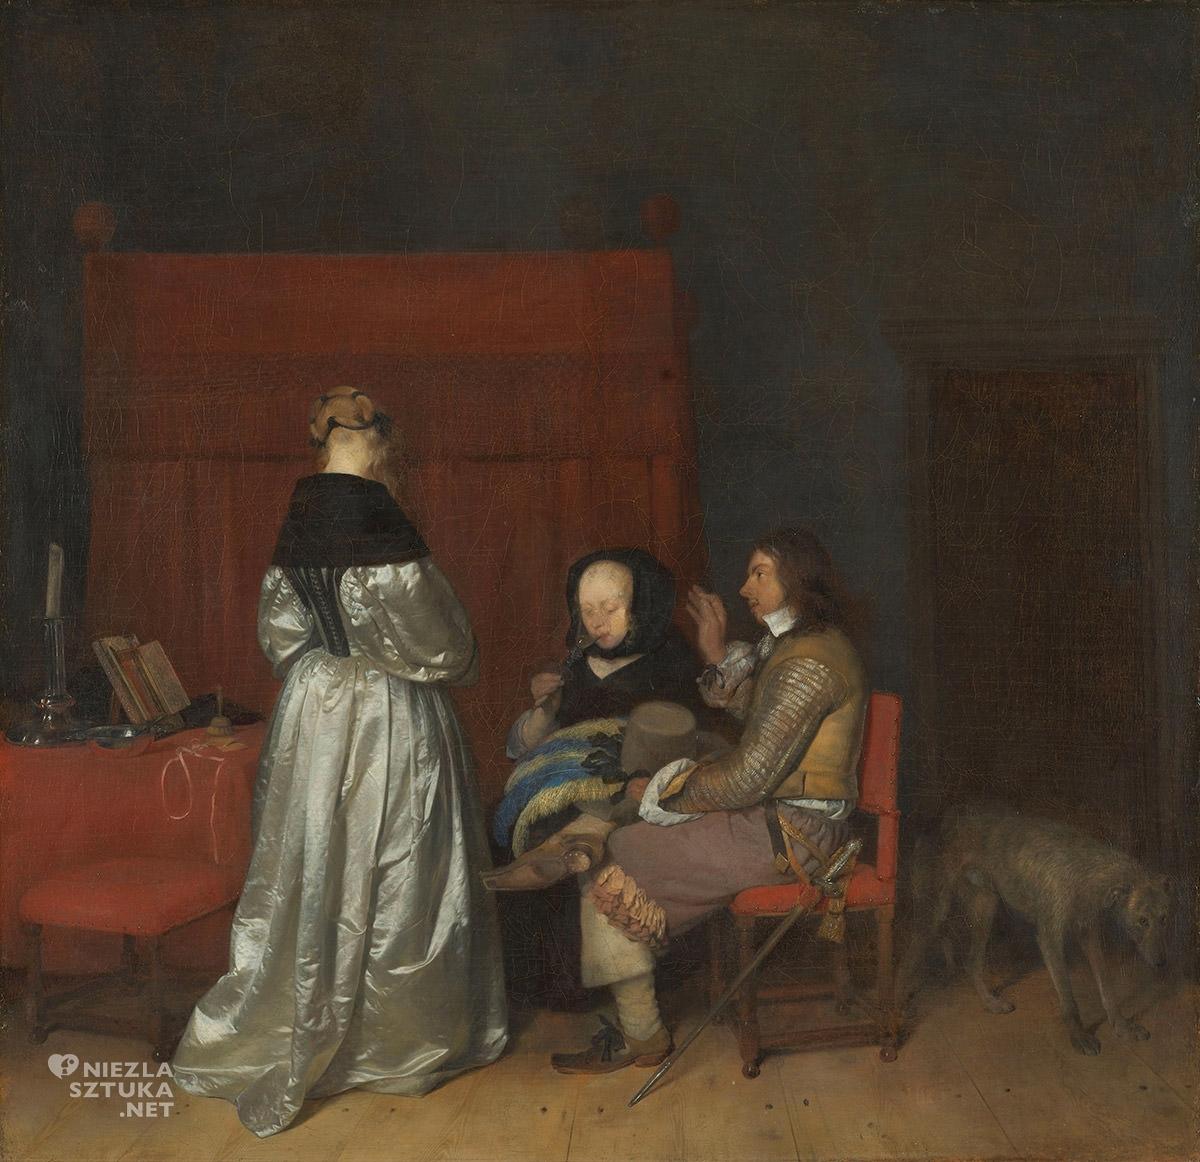 Gerard ter Borch, Towarzystwo we wnętrzu, napomnienie ojcowskie, malarstwo holenderskie, Niderlandy, Niezła sztuka